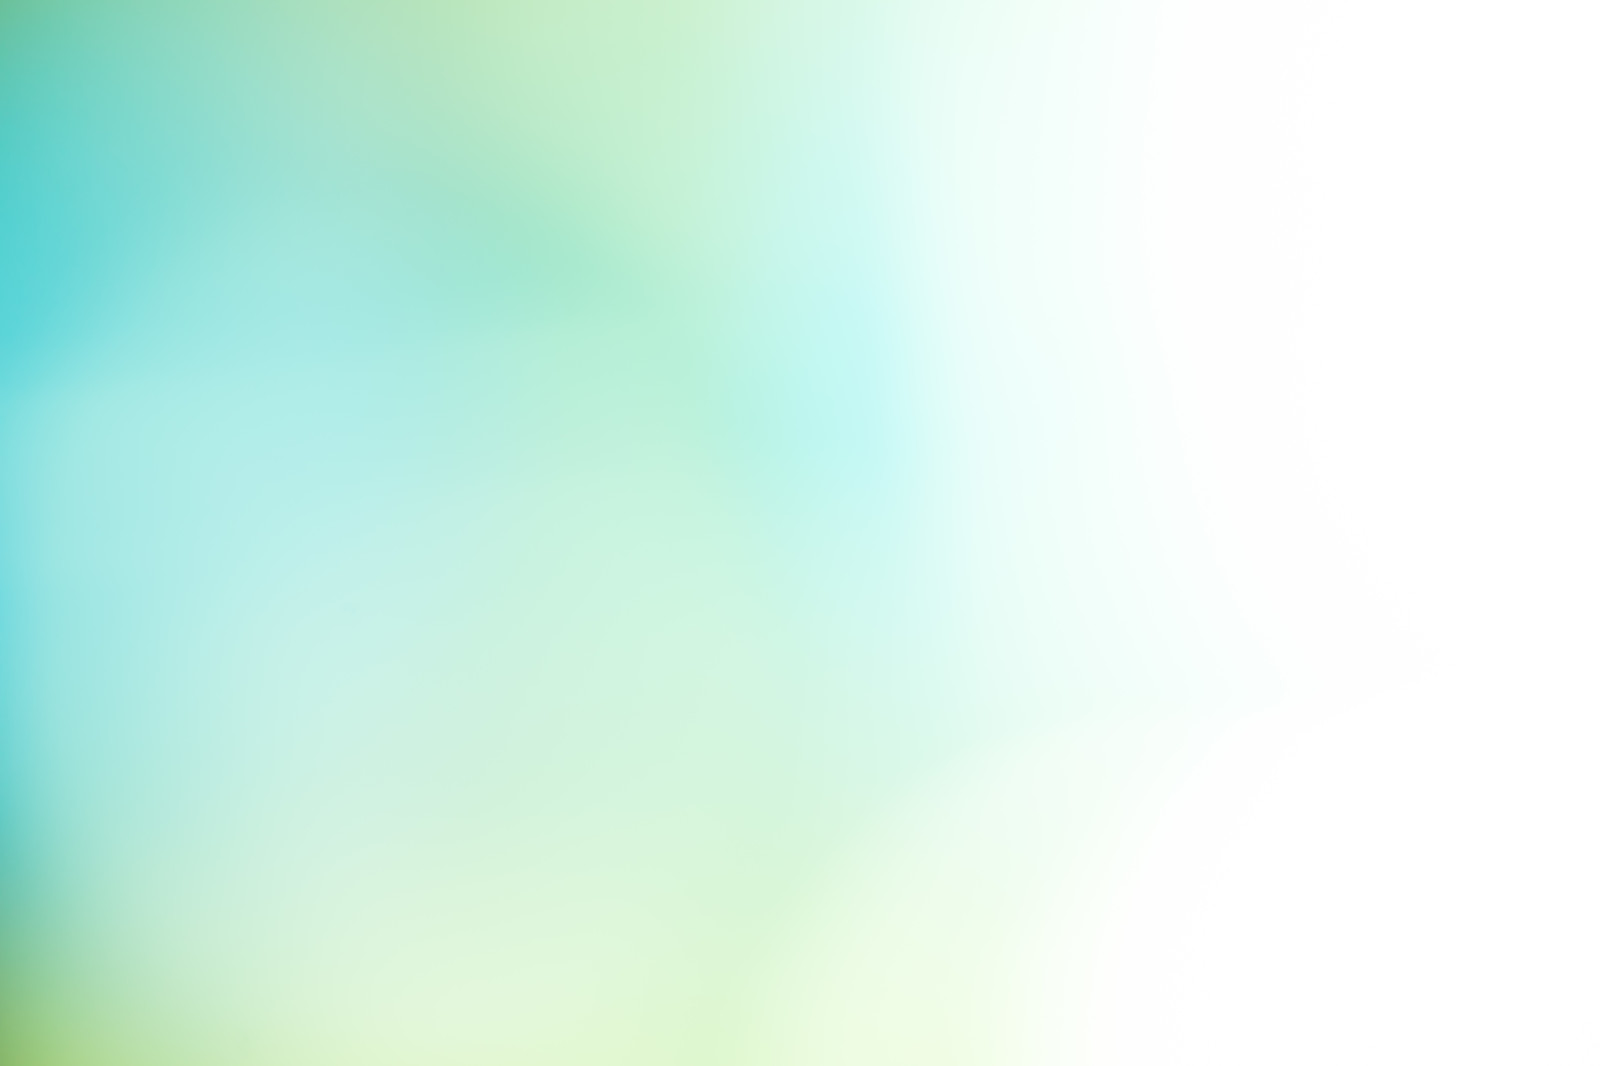 「淡い緑の光 | 写真の無料素材・フリー素材 - ぱくたそ」の写真